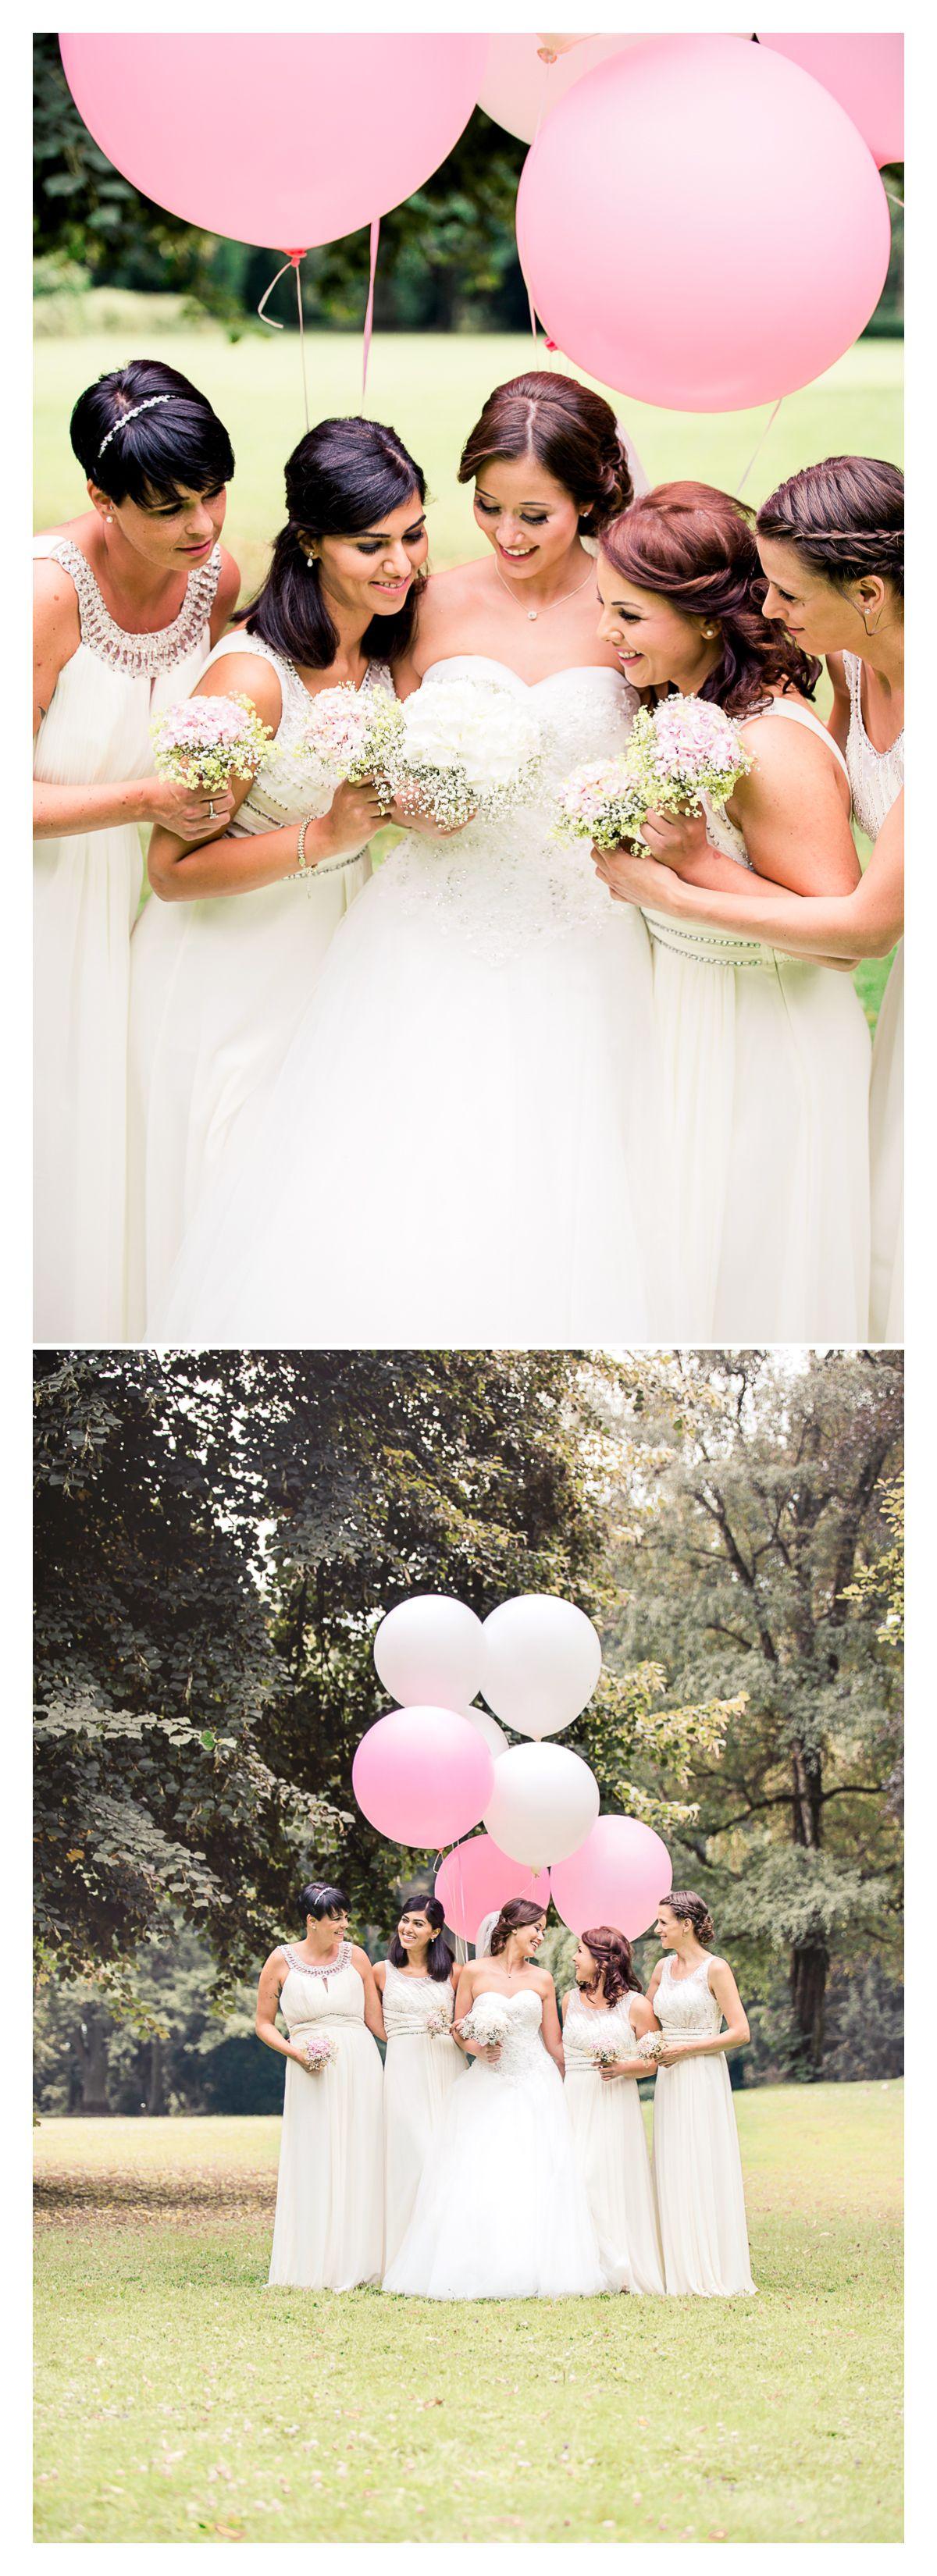 Riesen Ballons Moderne Hochzeitsfotografie